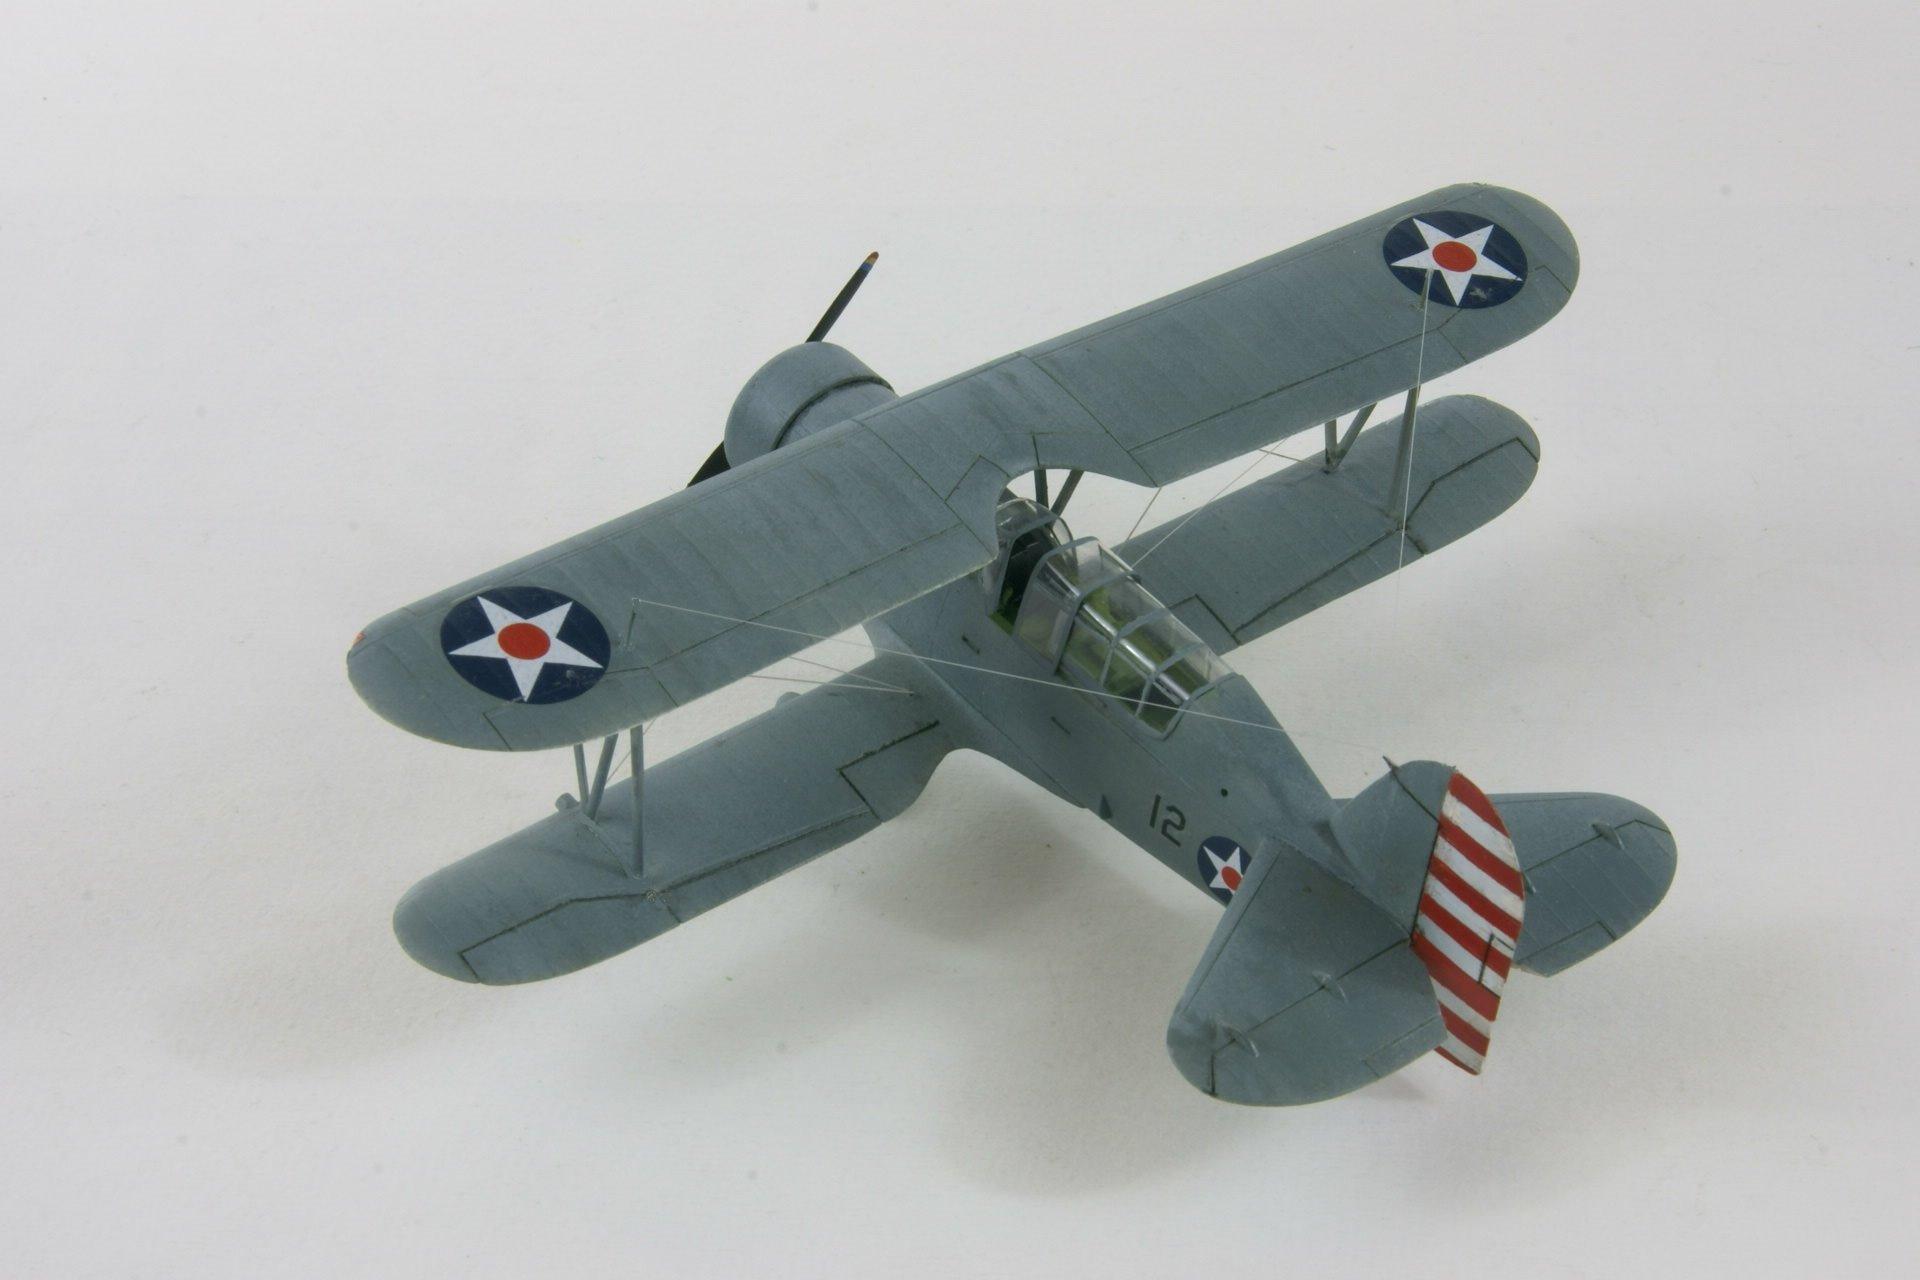 Curtiss soc 3a seagull 2